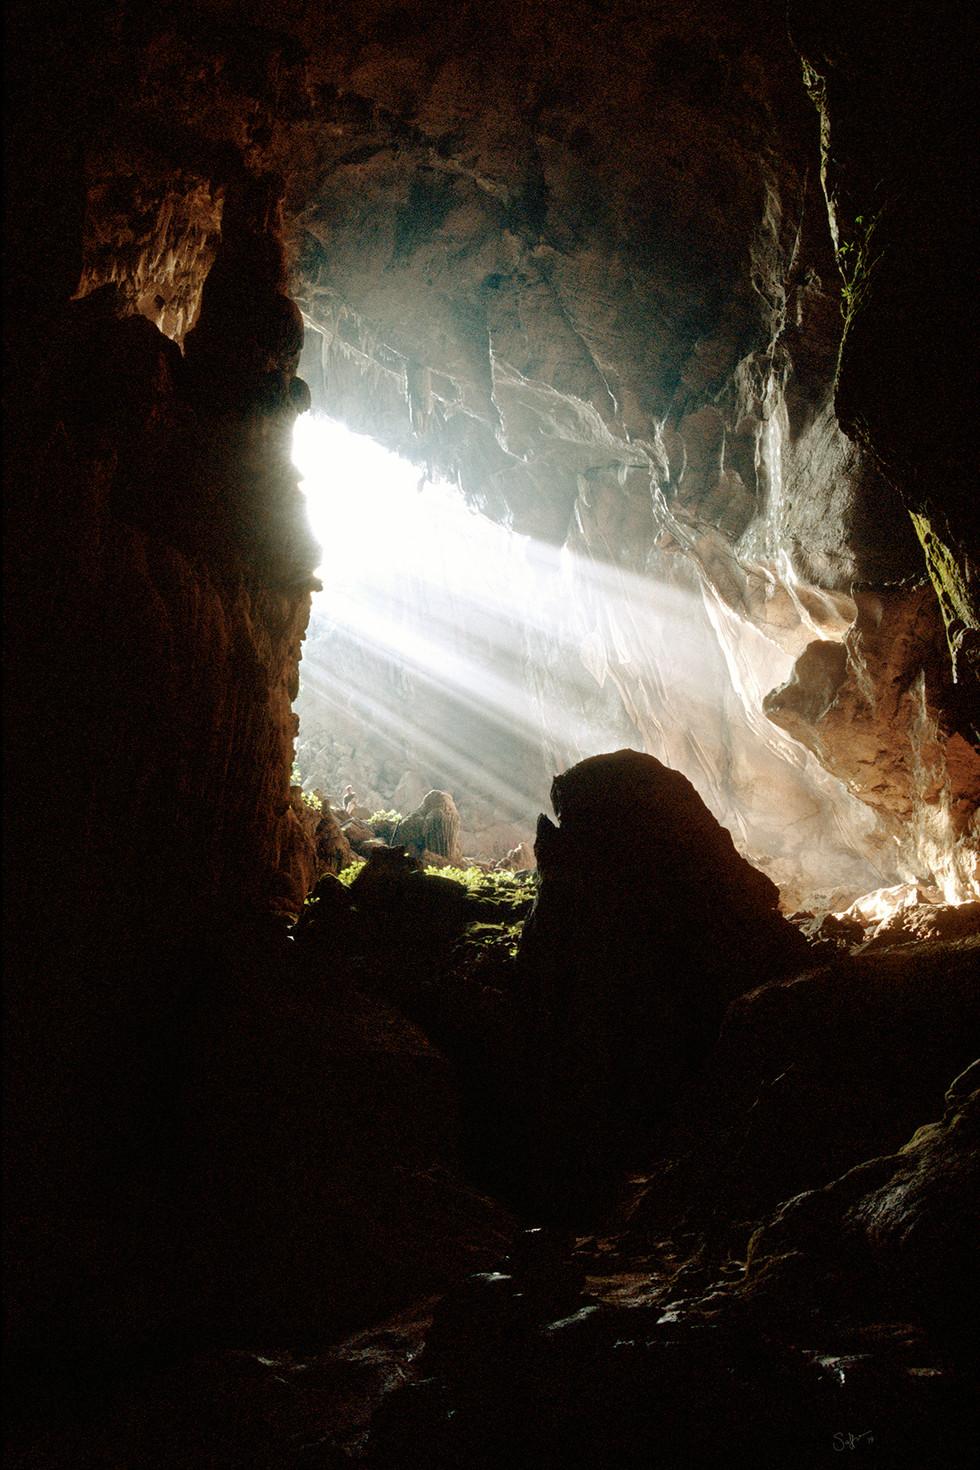 cavelightIII